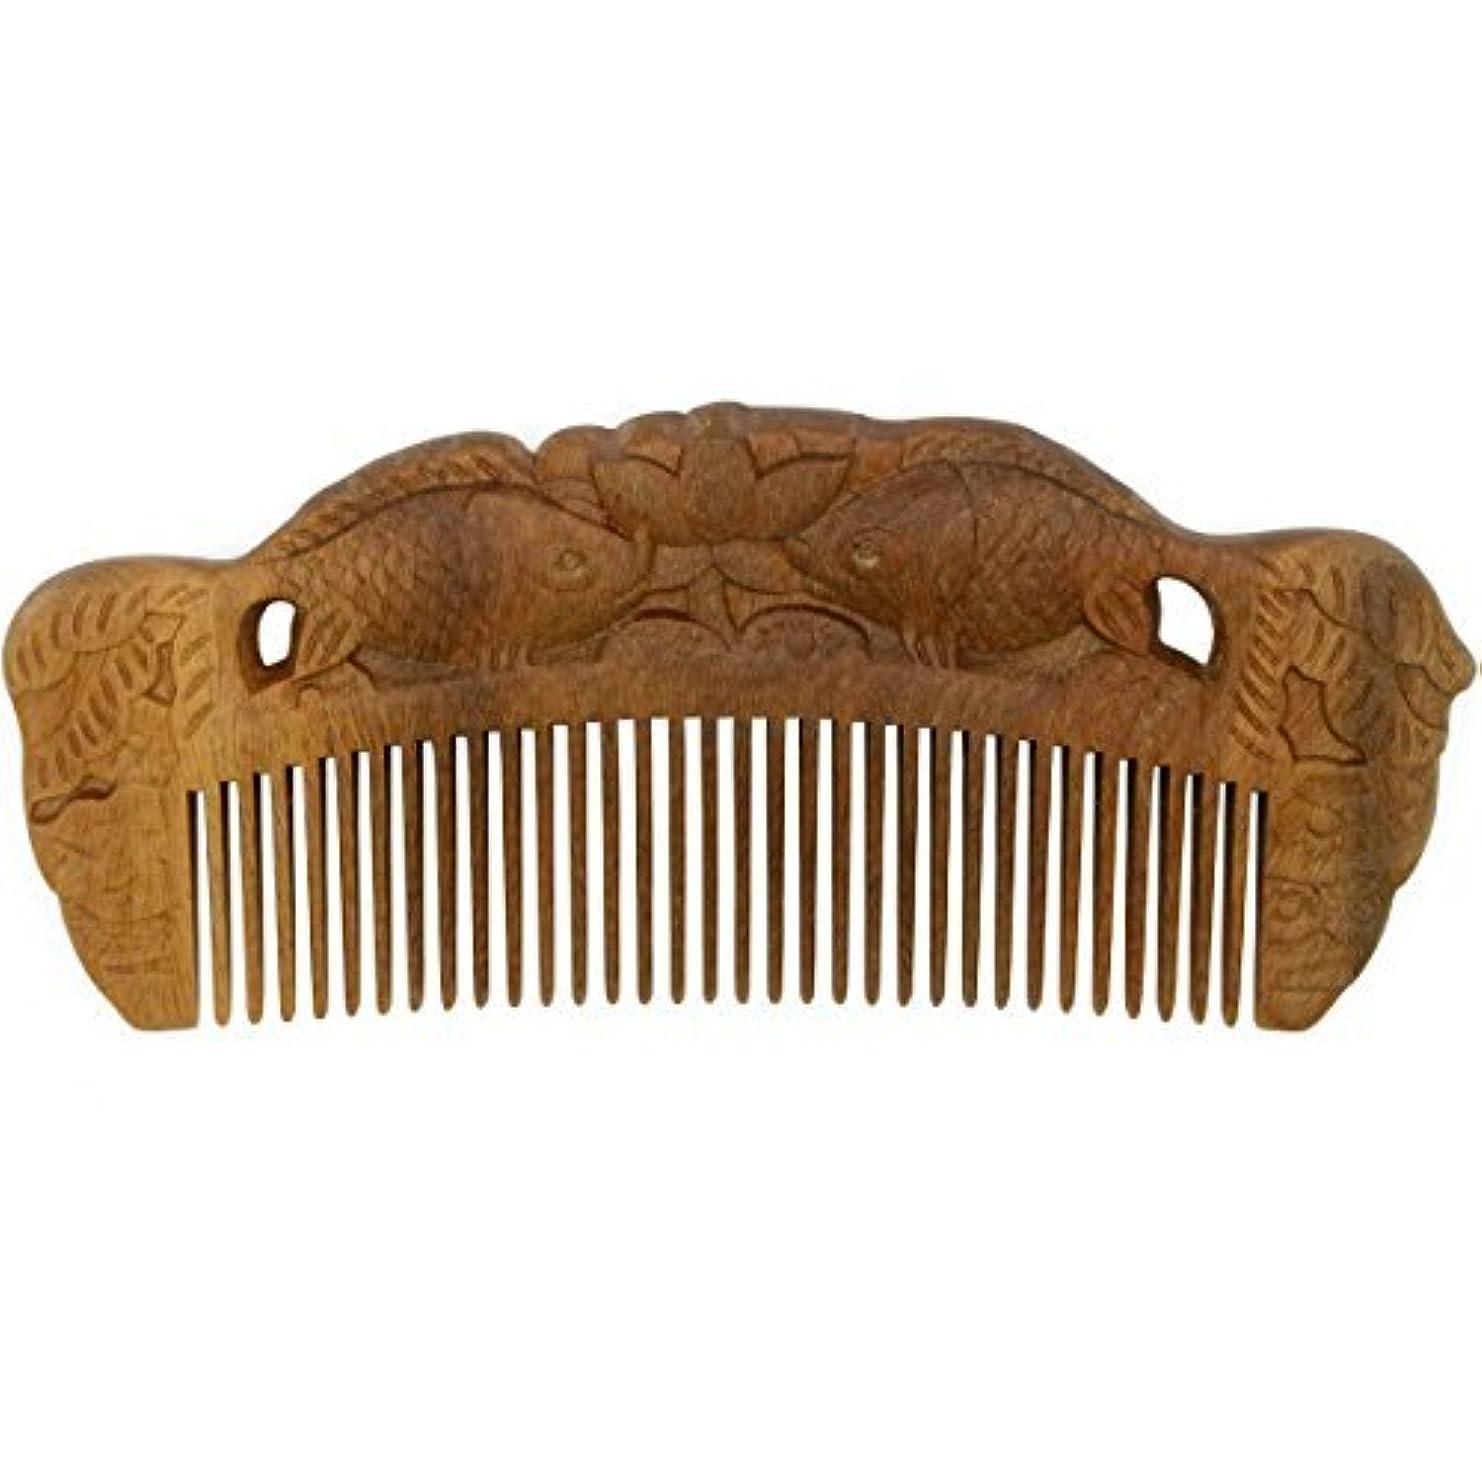 バルク区別離れてYOY Handmade Carved Natural Sandalwood Hair Comb - Anti-static No Snag Brush for Men's Mustache Beard Care Anti Dandruff Women Girls Head Hair Accessory (HC1007) [並行輸入品]